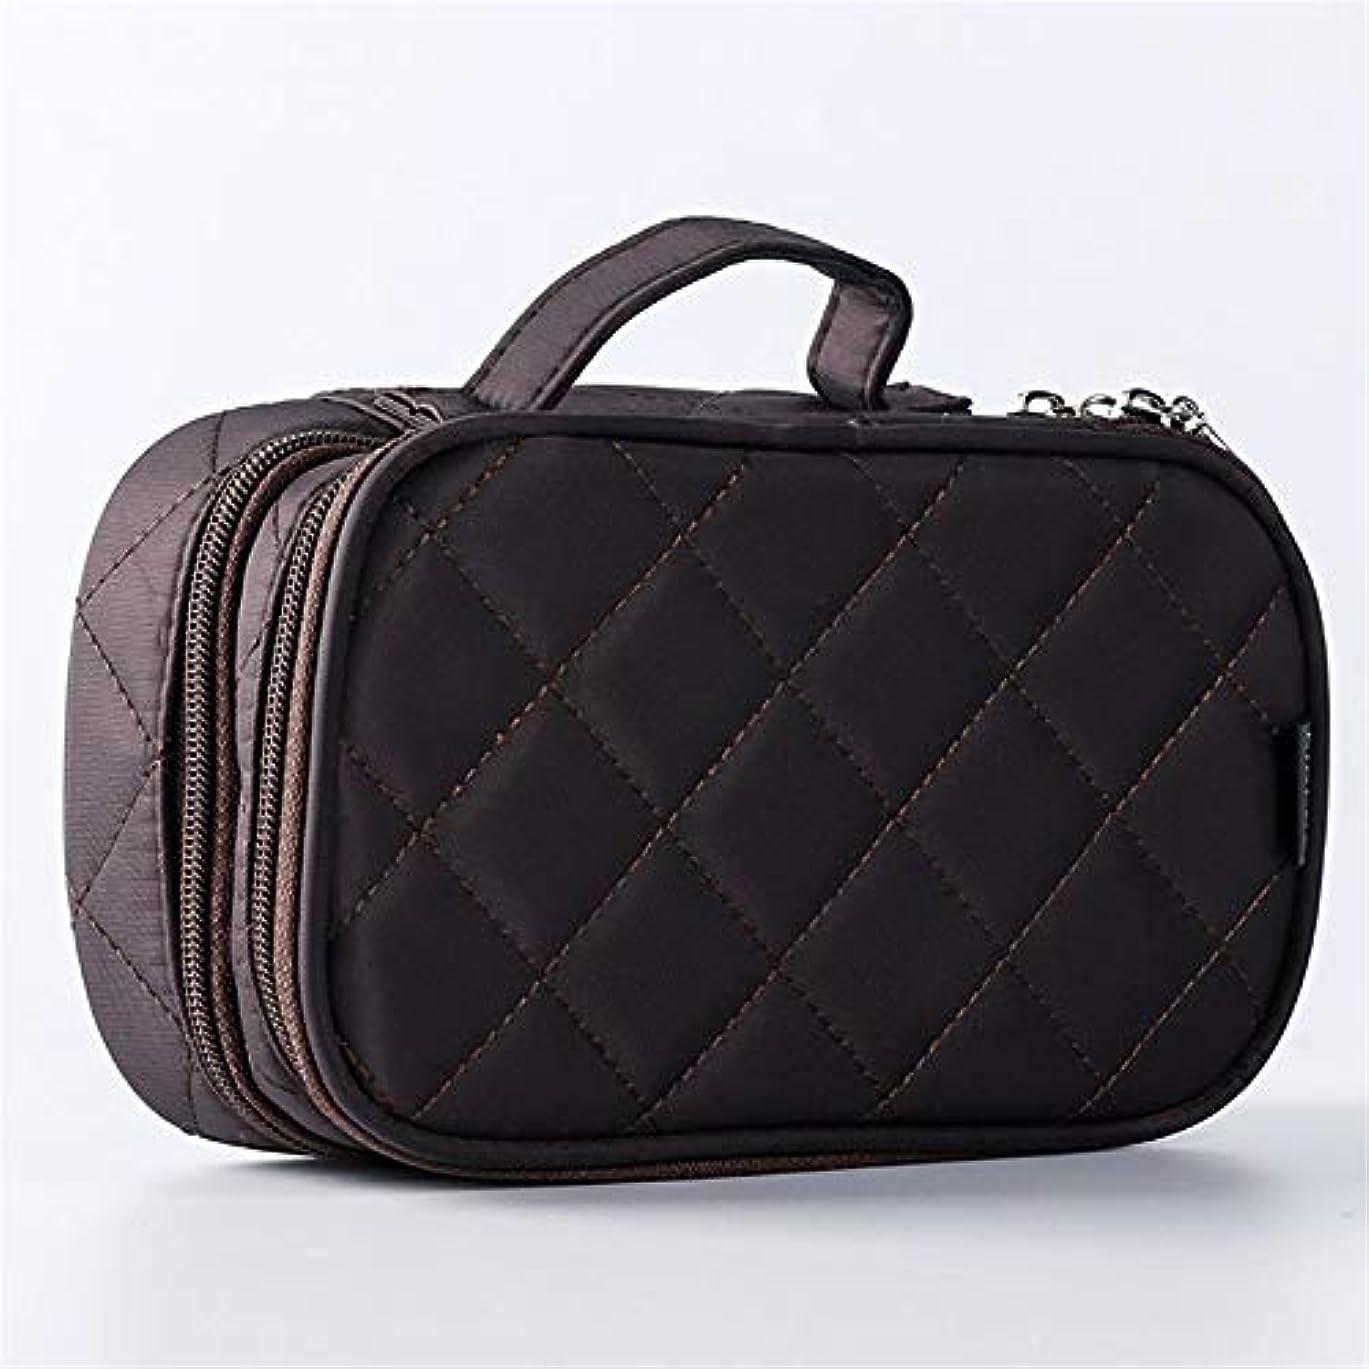 産地フラップ過度に特大スペース収納ビューティーボックス 旅行化粧品の箱、化粧品の箱およびコンパートメントが付いている専門の化粧品の化粧品袋の収納箱、透明で透明な網。 化粧品化粧台 (色 : 褐色)